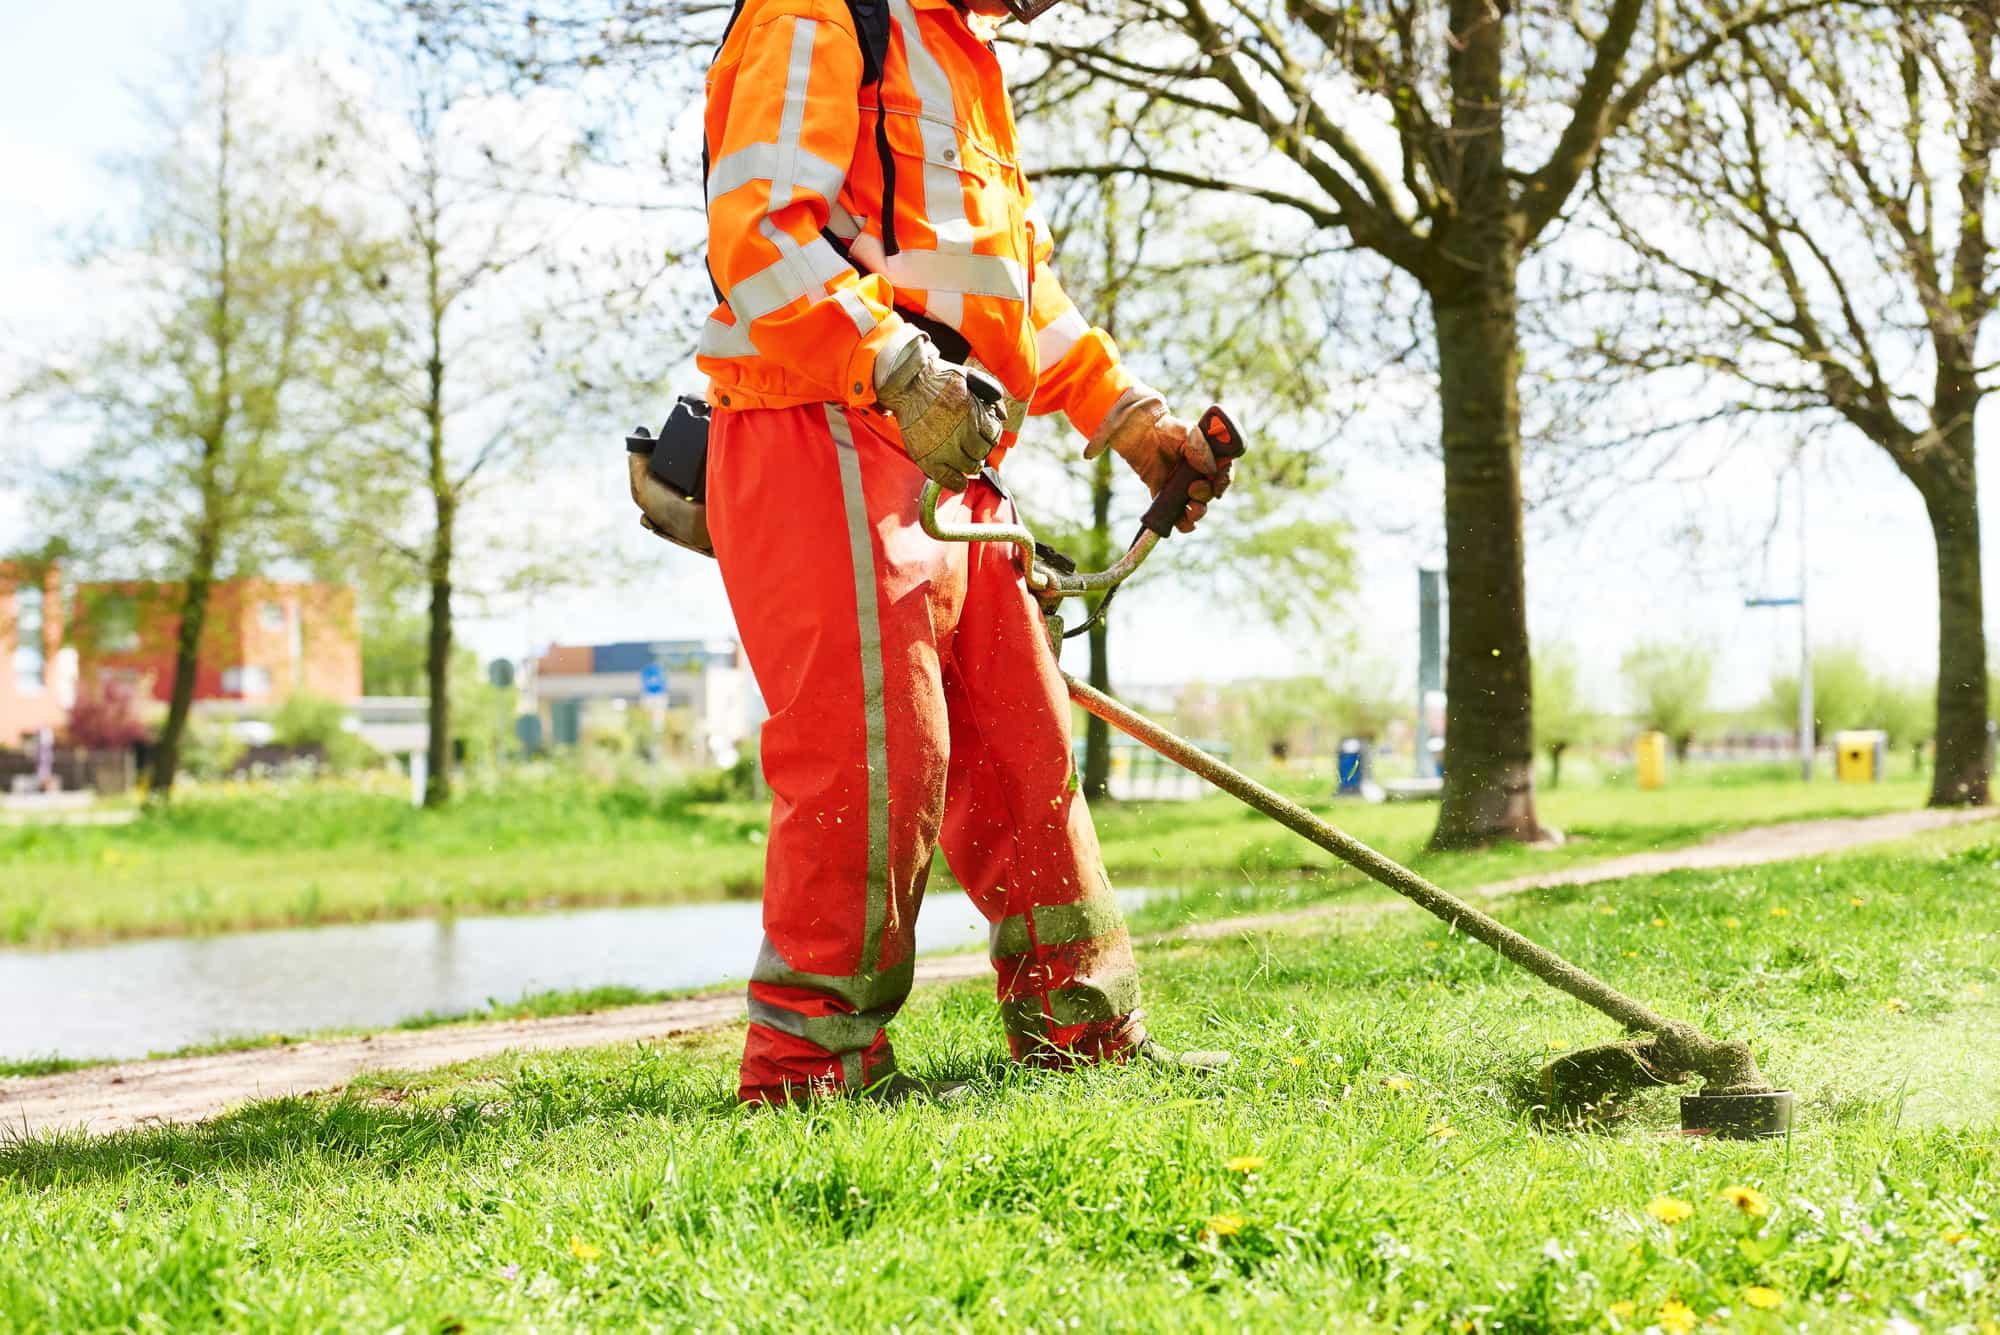 lawn mower worker man cutting grass